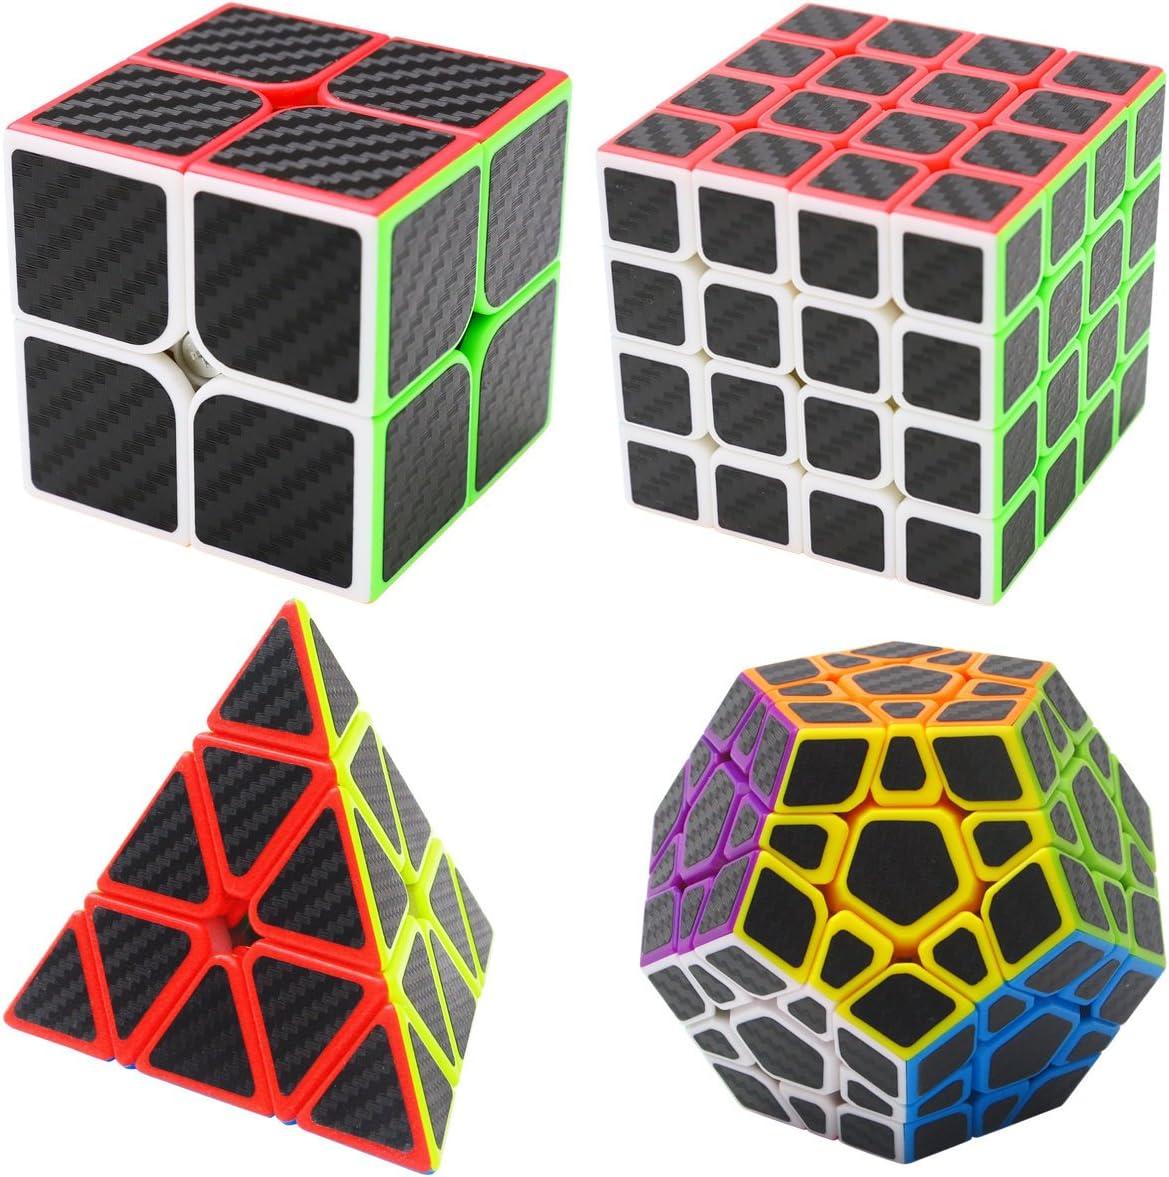 Coolzon Puzzle Cubes Megaminx + Pyraminx + 2x2x2 + 4x4x4 4 Pack Cubo Magico con Pegatina de Fibra de Carbono Velocidad